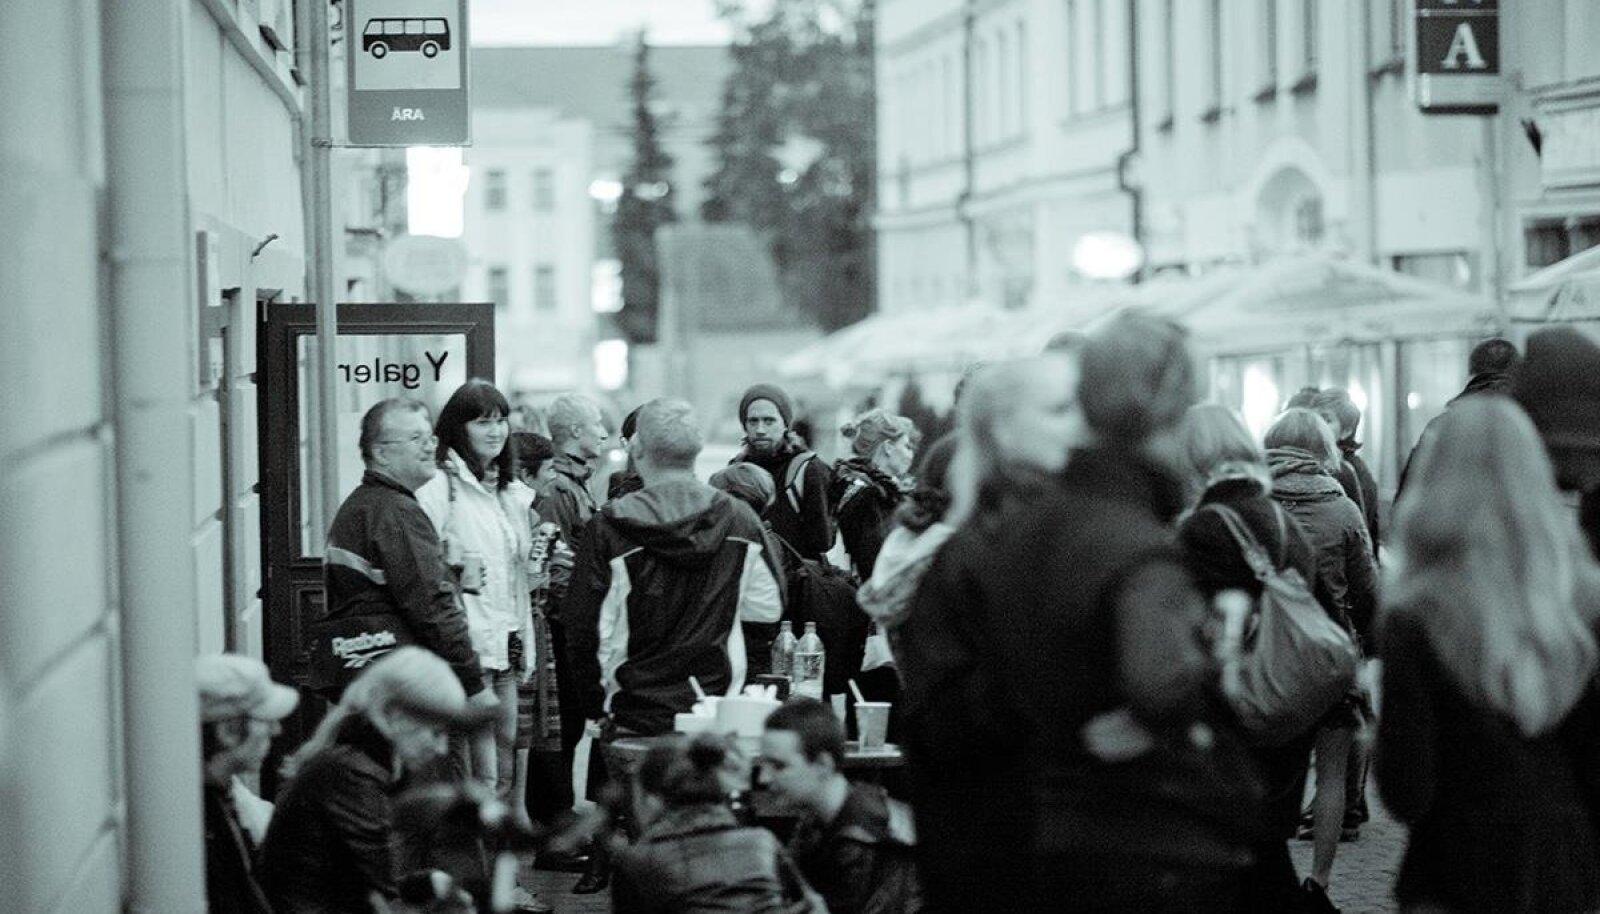 """GALERII, MIDA ENAM POLE: KUKU NUNNU: Näituse """"Tartust ära"""" avamine kaasaegse kunsti festivali ART IST KUKU NU UT raames 2011. aasta sügisel Y-galeriis."""